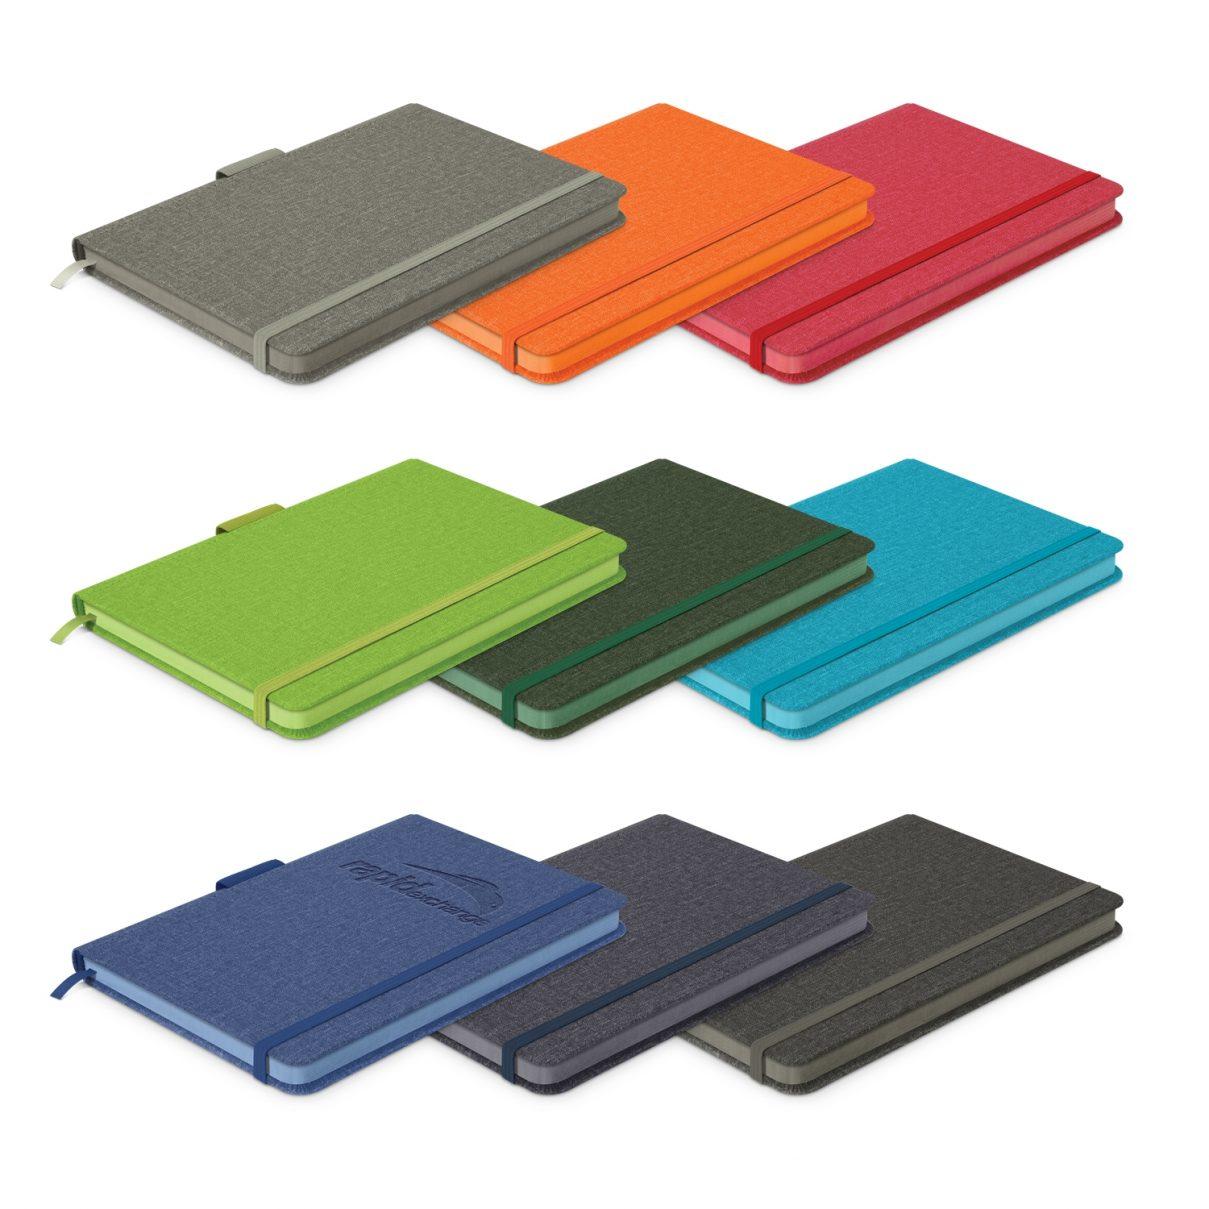 Meridian Notebook Bulk Supplier